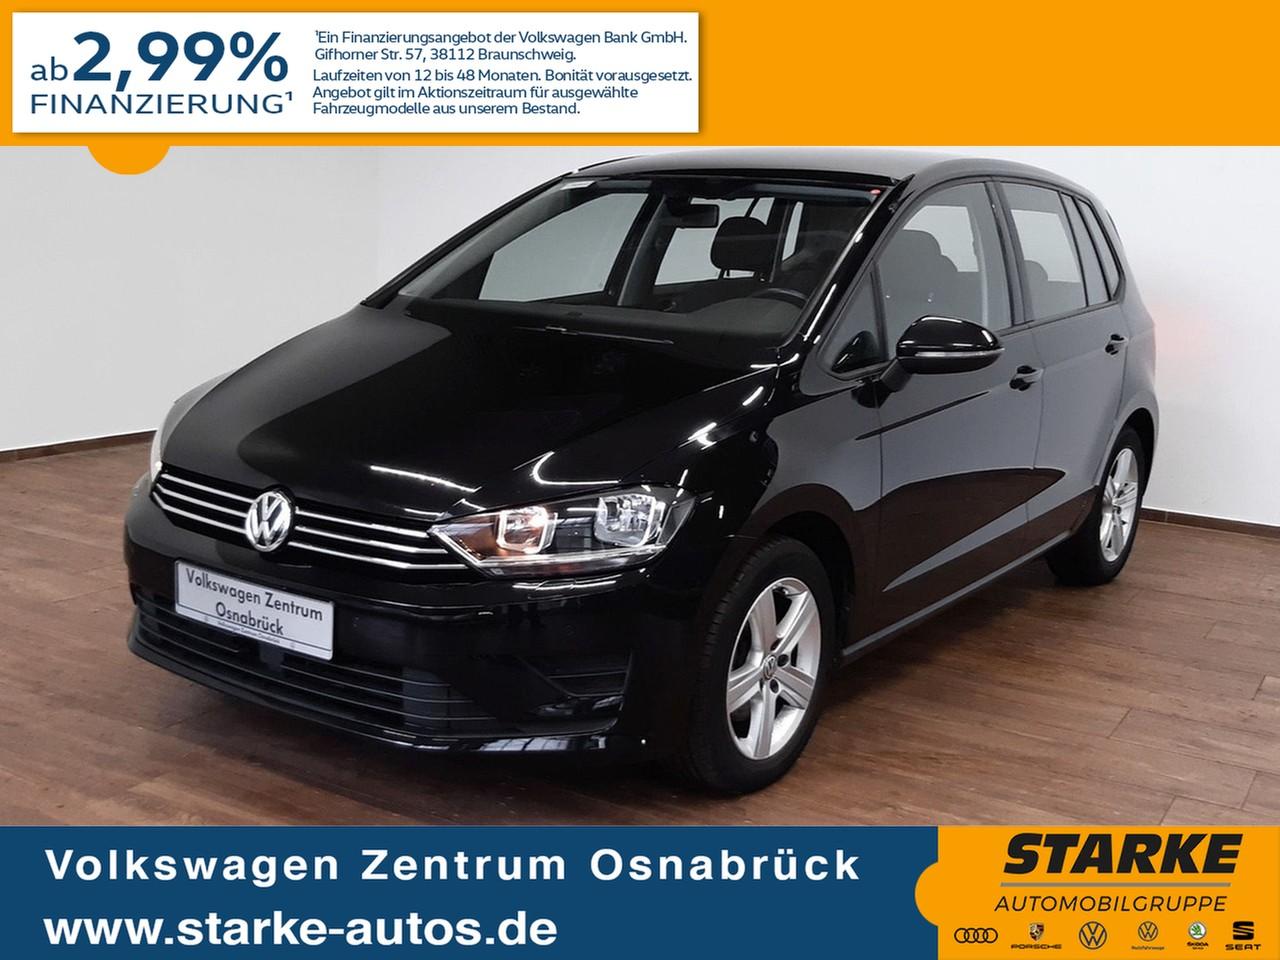 Volkswagen Golf Sportsvan 1.6 TDI Comfortline, Jahr 2015, Diesel